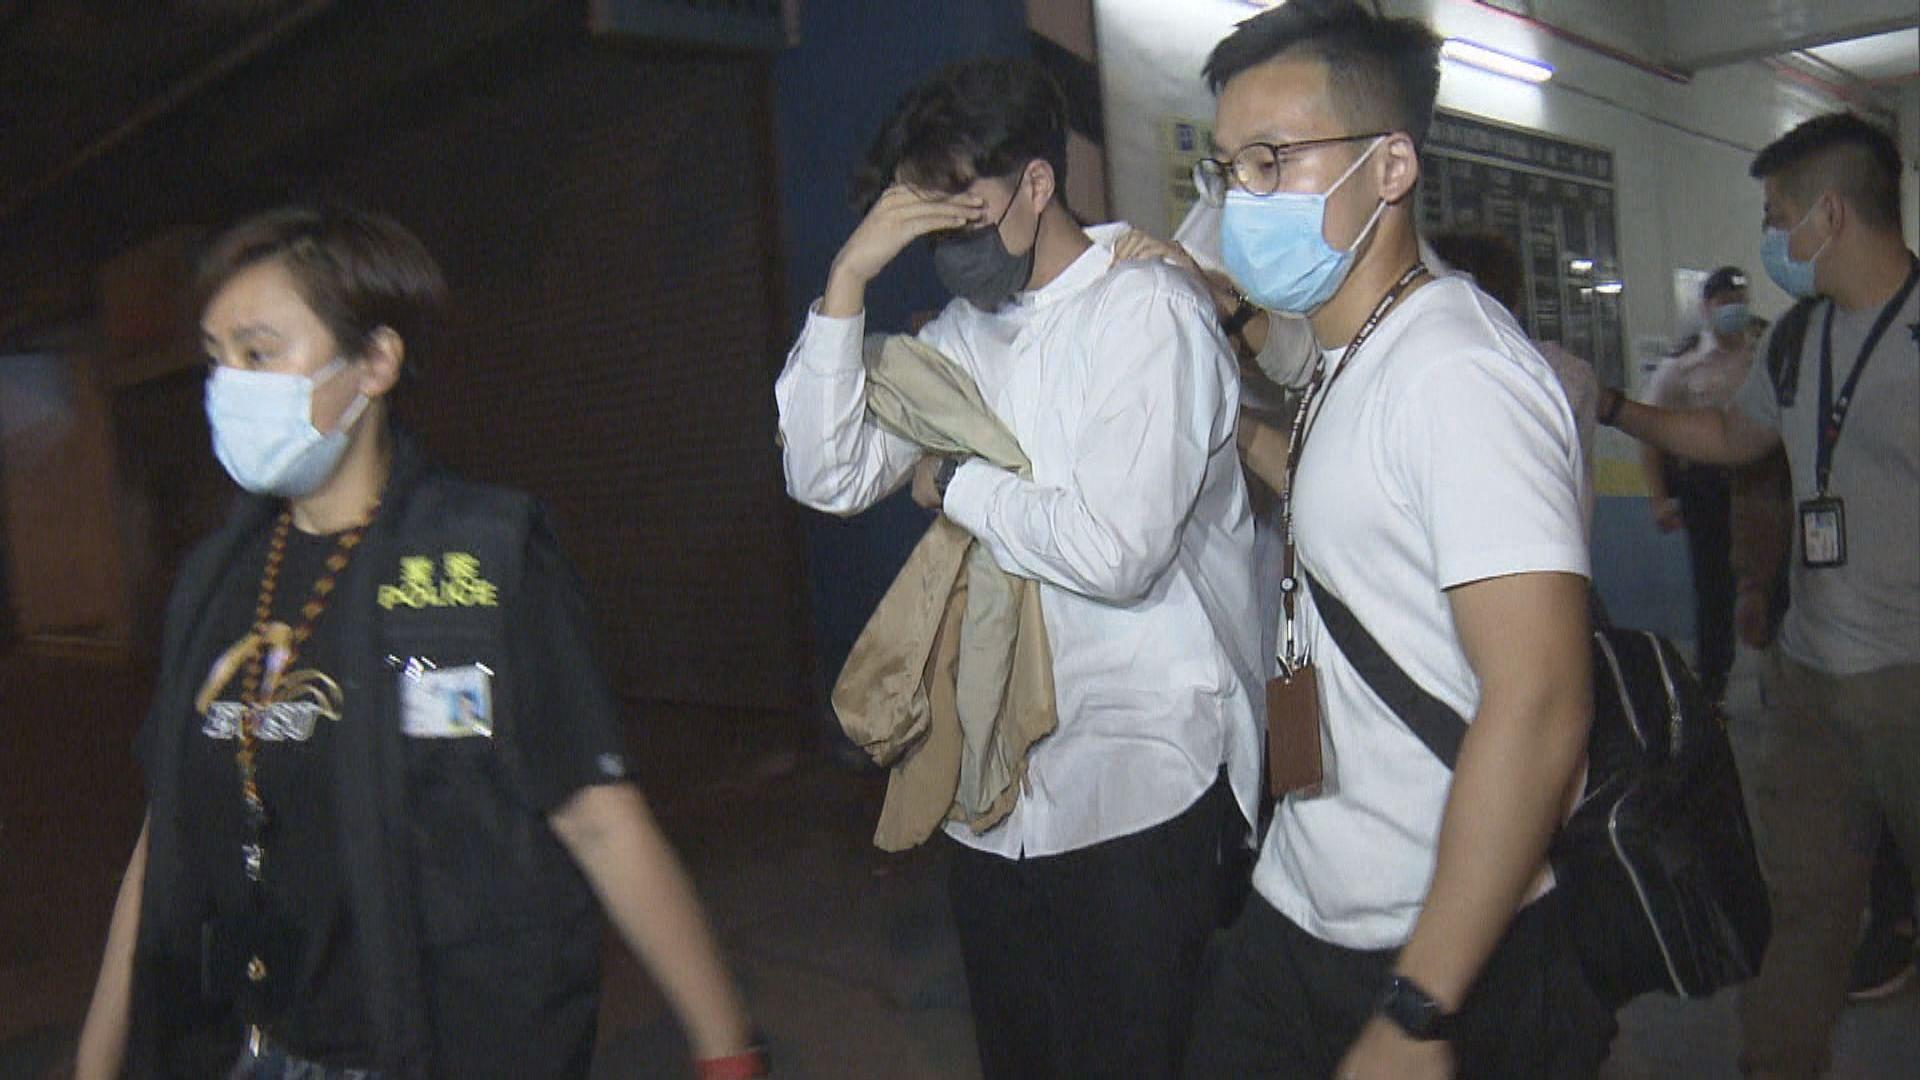 警破派對房間及酒吧 拘七人票控逾百男女